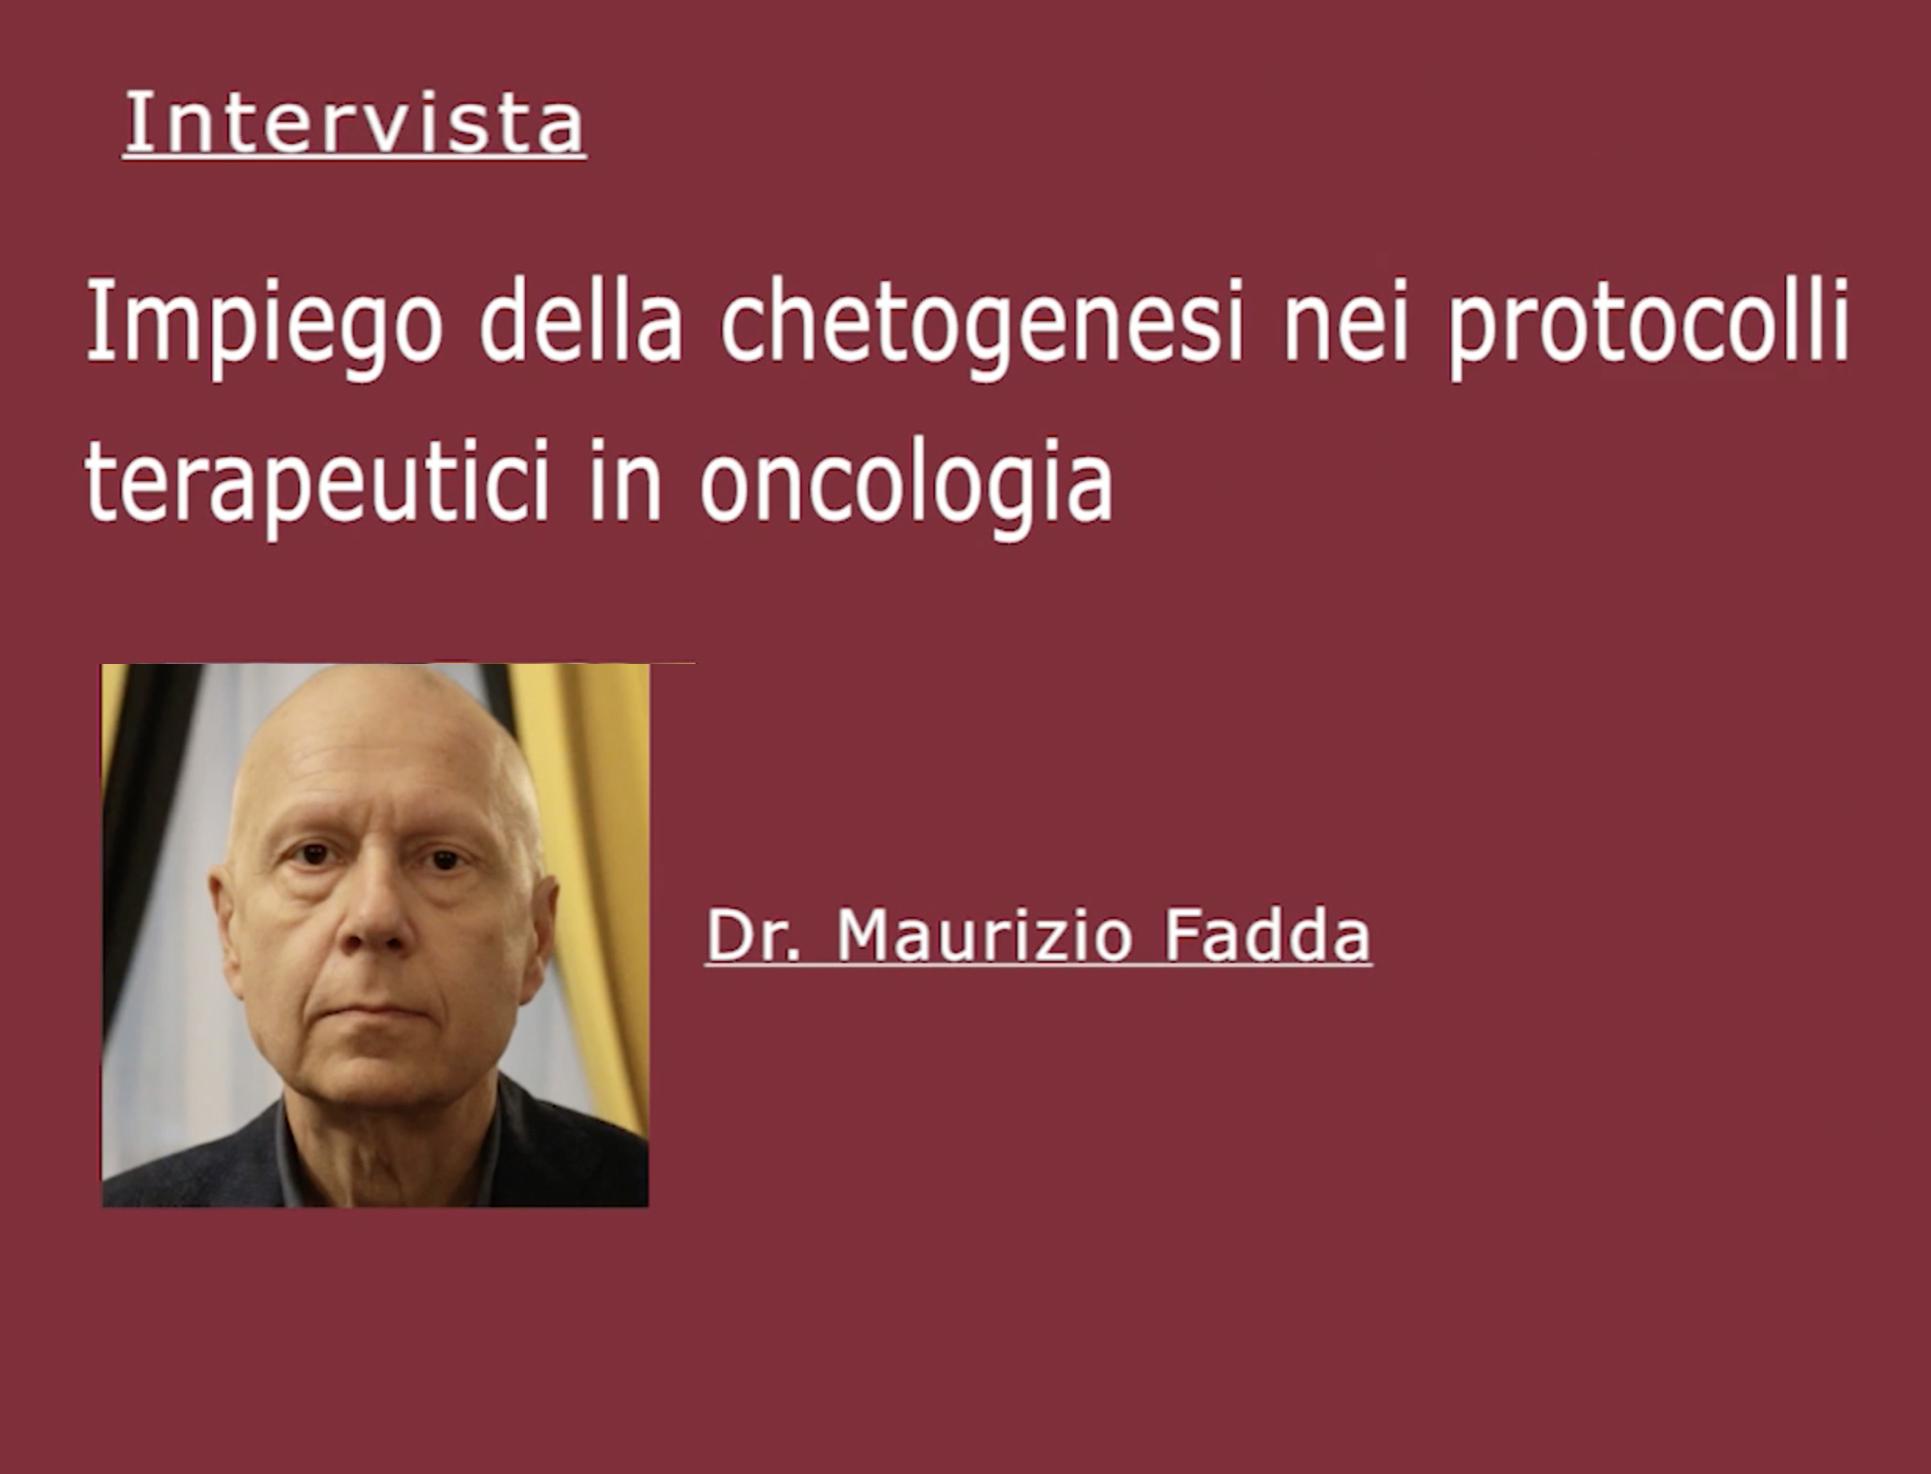 Dr. Maurizio Fadda1